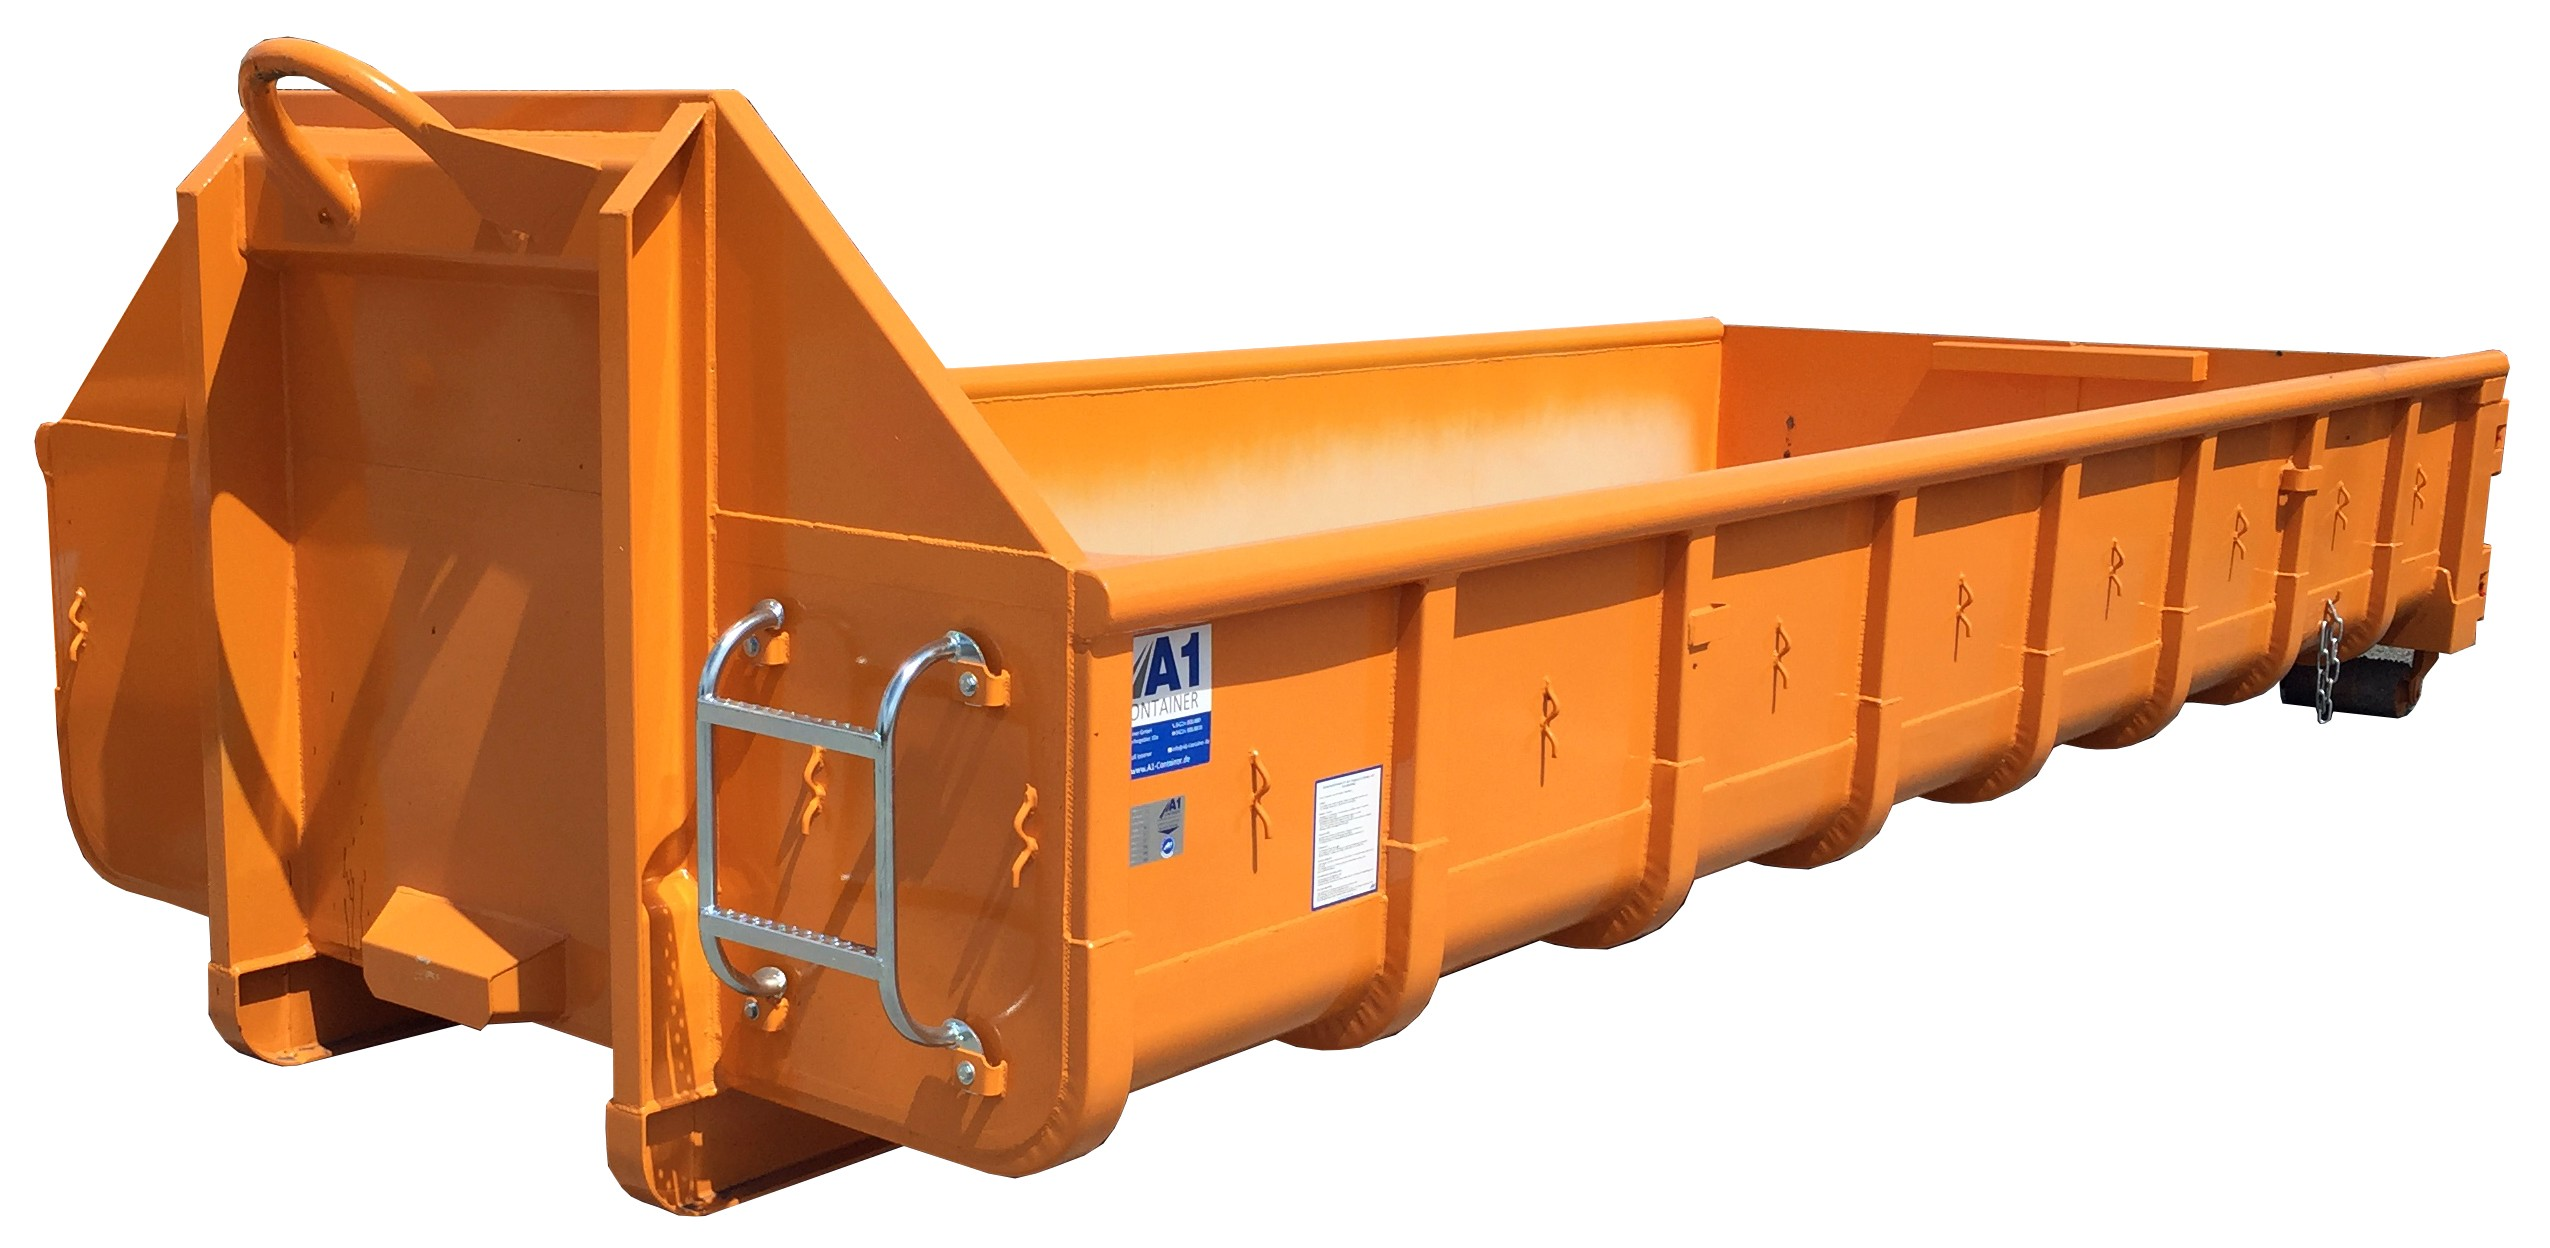 Normbehälter 11 m³ Doppelflügeltür – ORANGE – Abrollcontainer